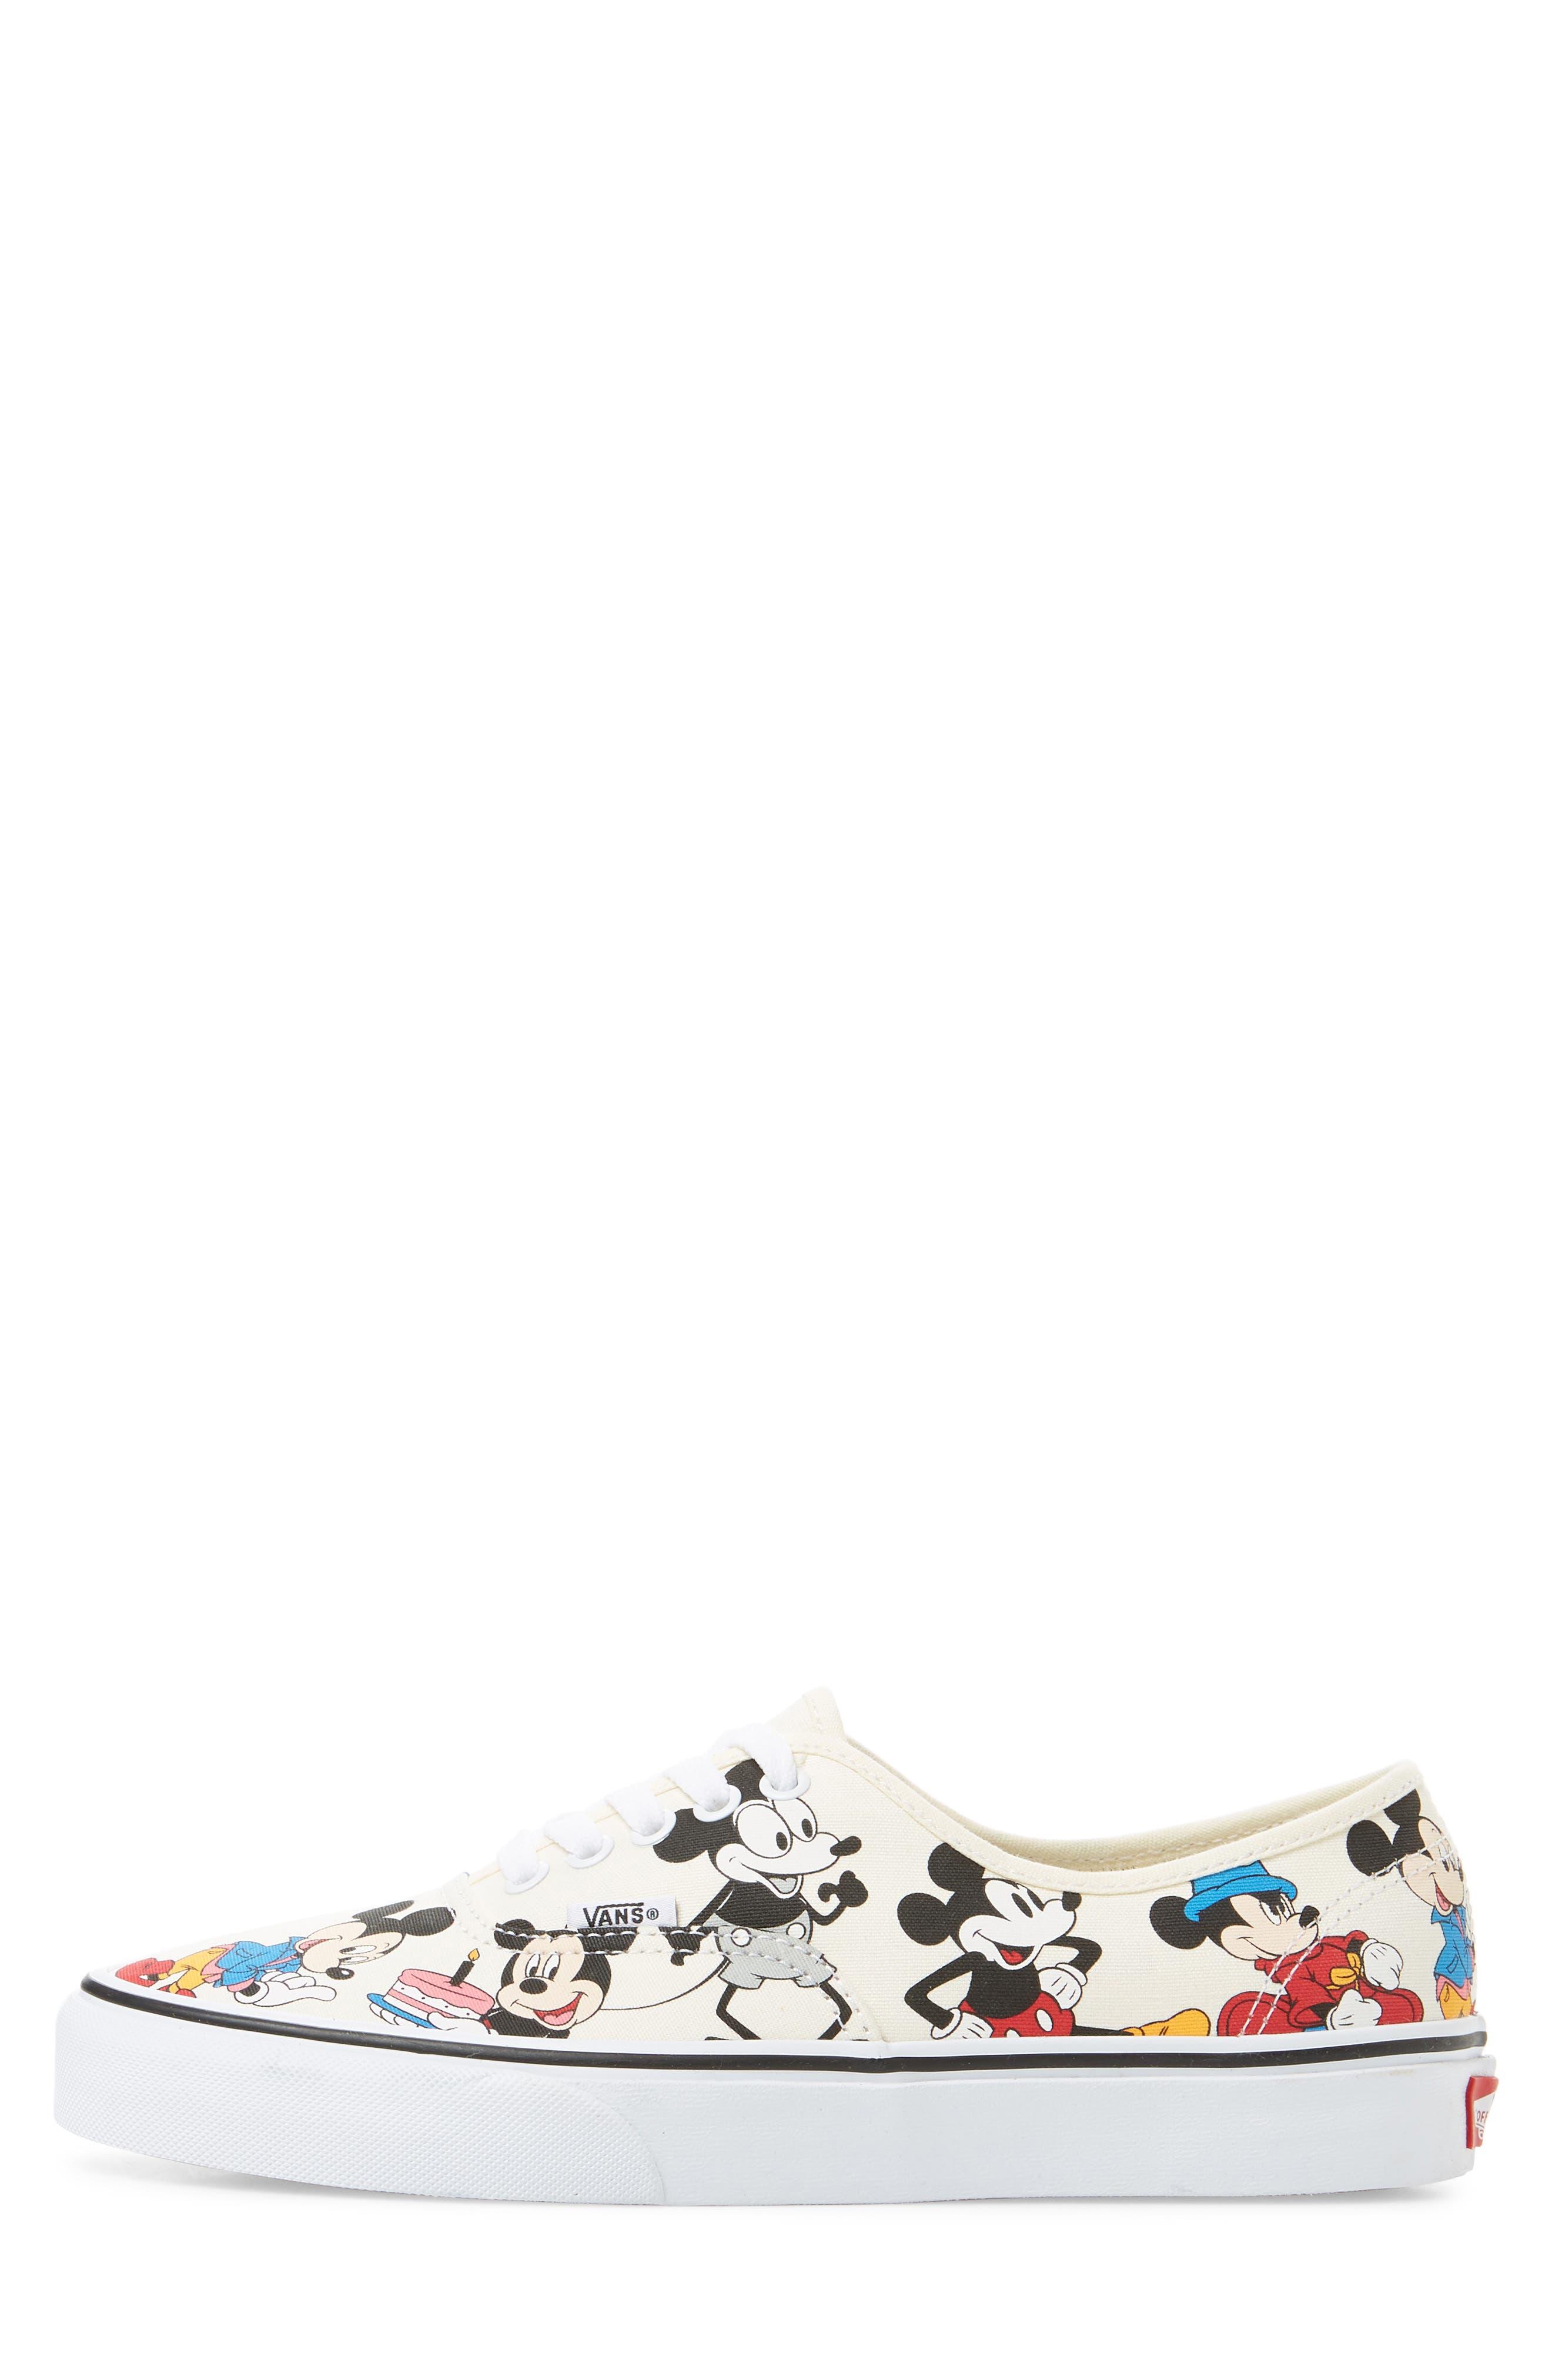 VANS, x Disney Authentic Low Top Sneaker, Alternate thumbnail 3, color, 250